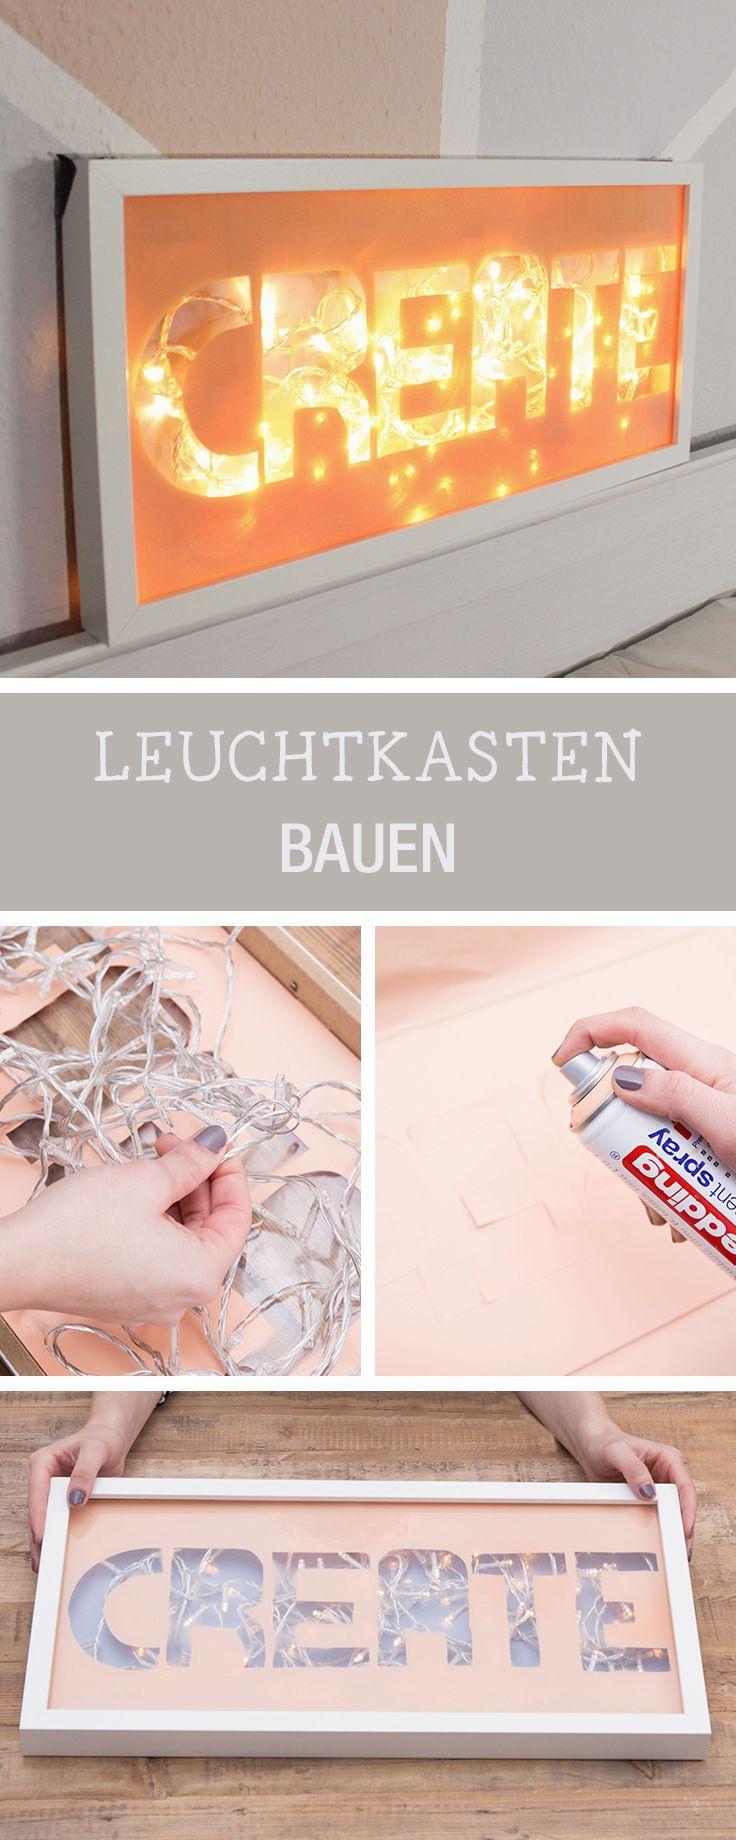 Diy Inspiration Fur Einen Leuchtkasten Mit Typo Craft Your Own